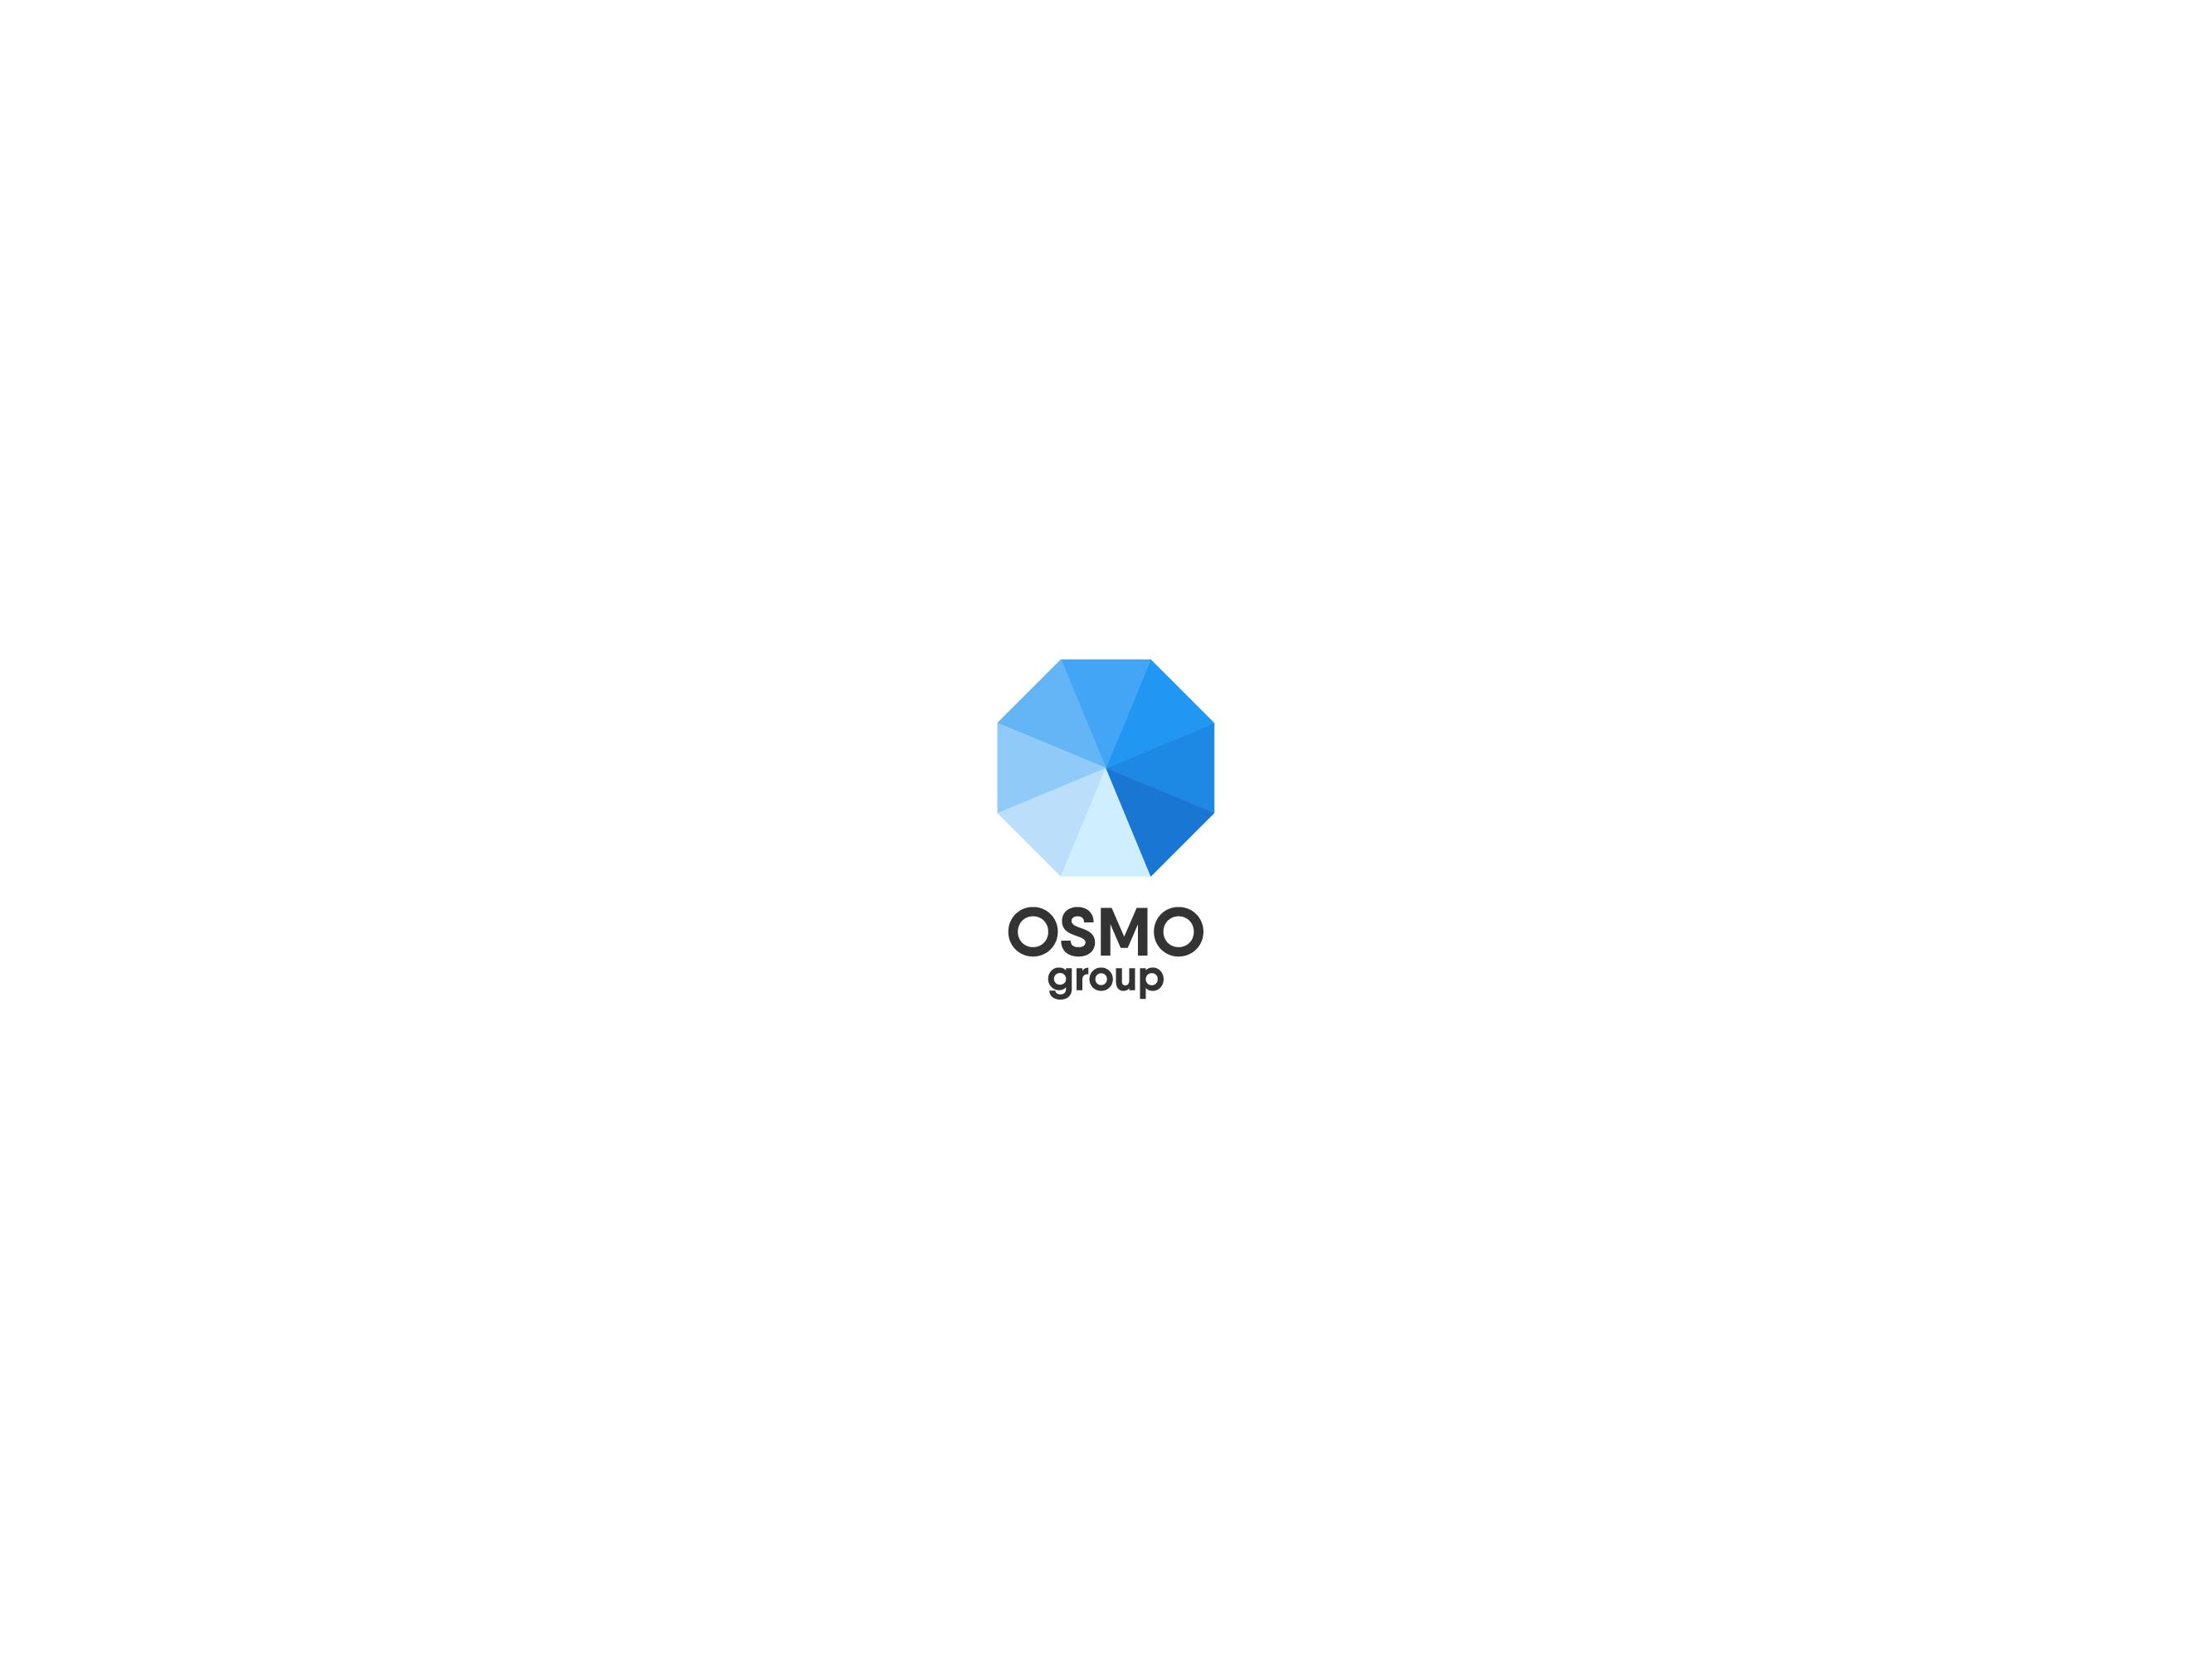 Создание логотипа для строительной компании OSMO group  фото f_83959b4d2ce6e383.png